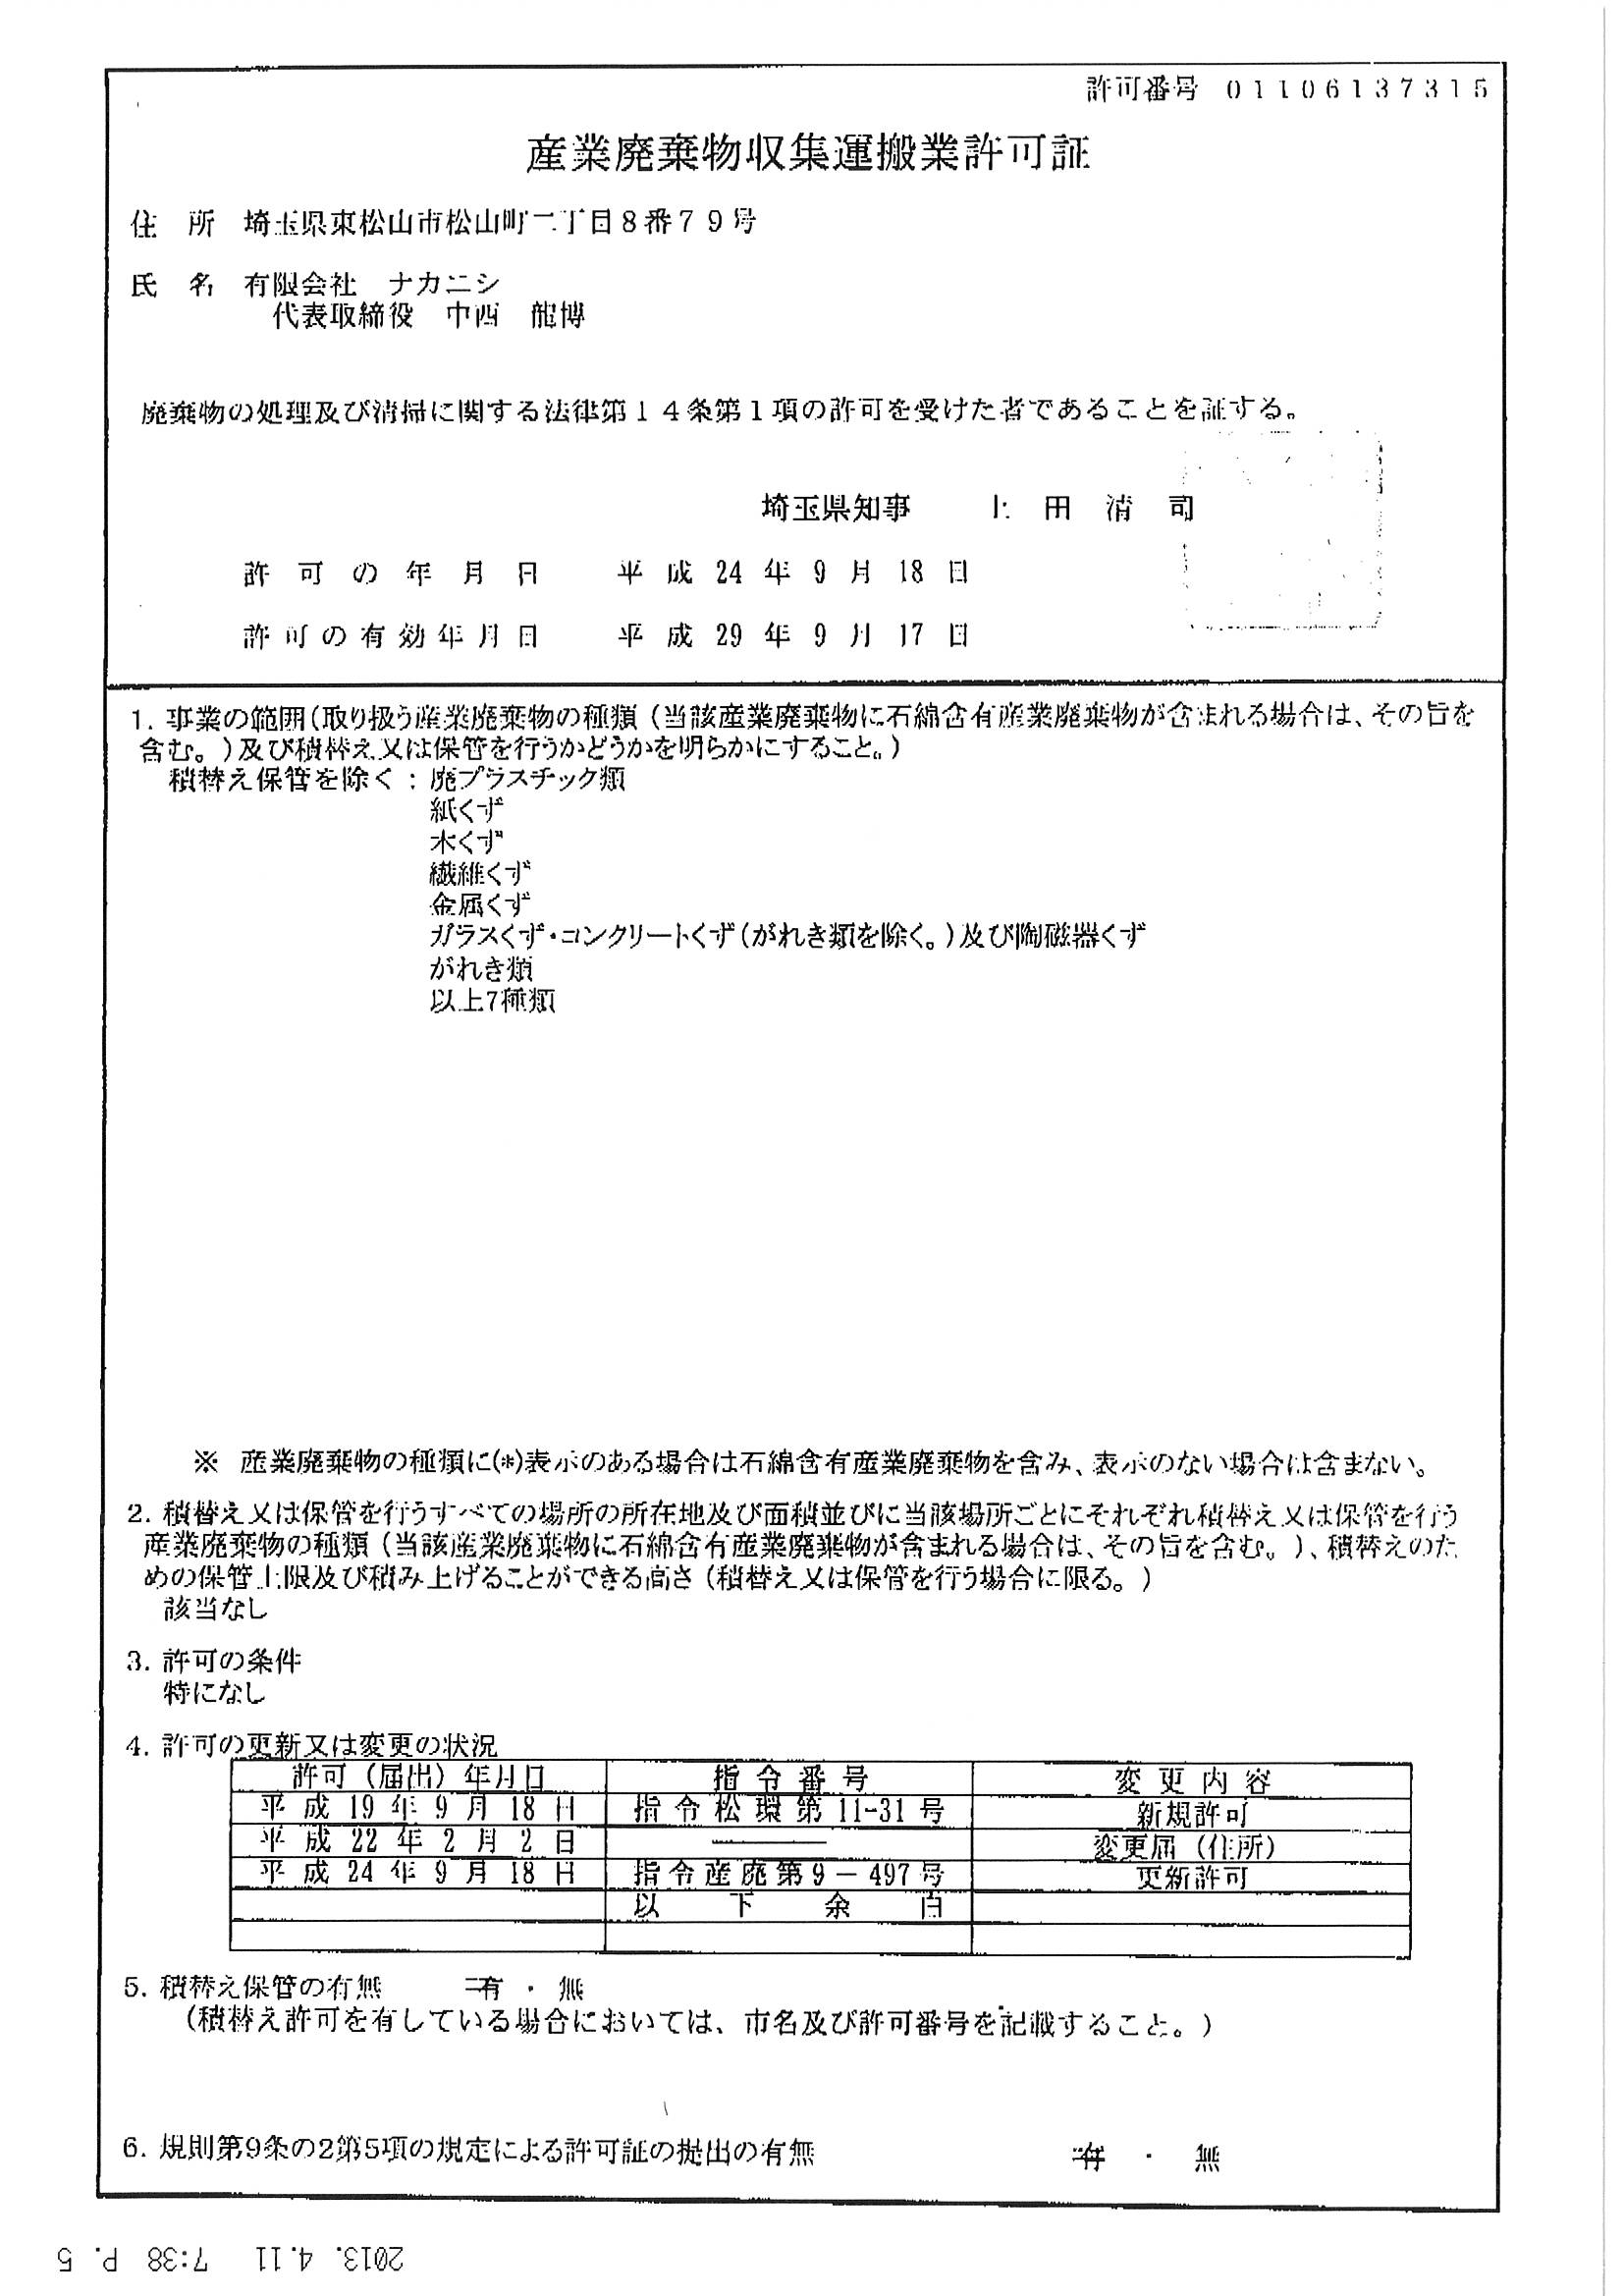 許可証関連写真3